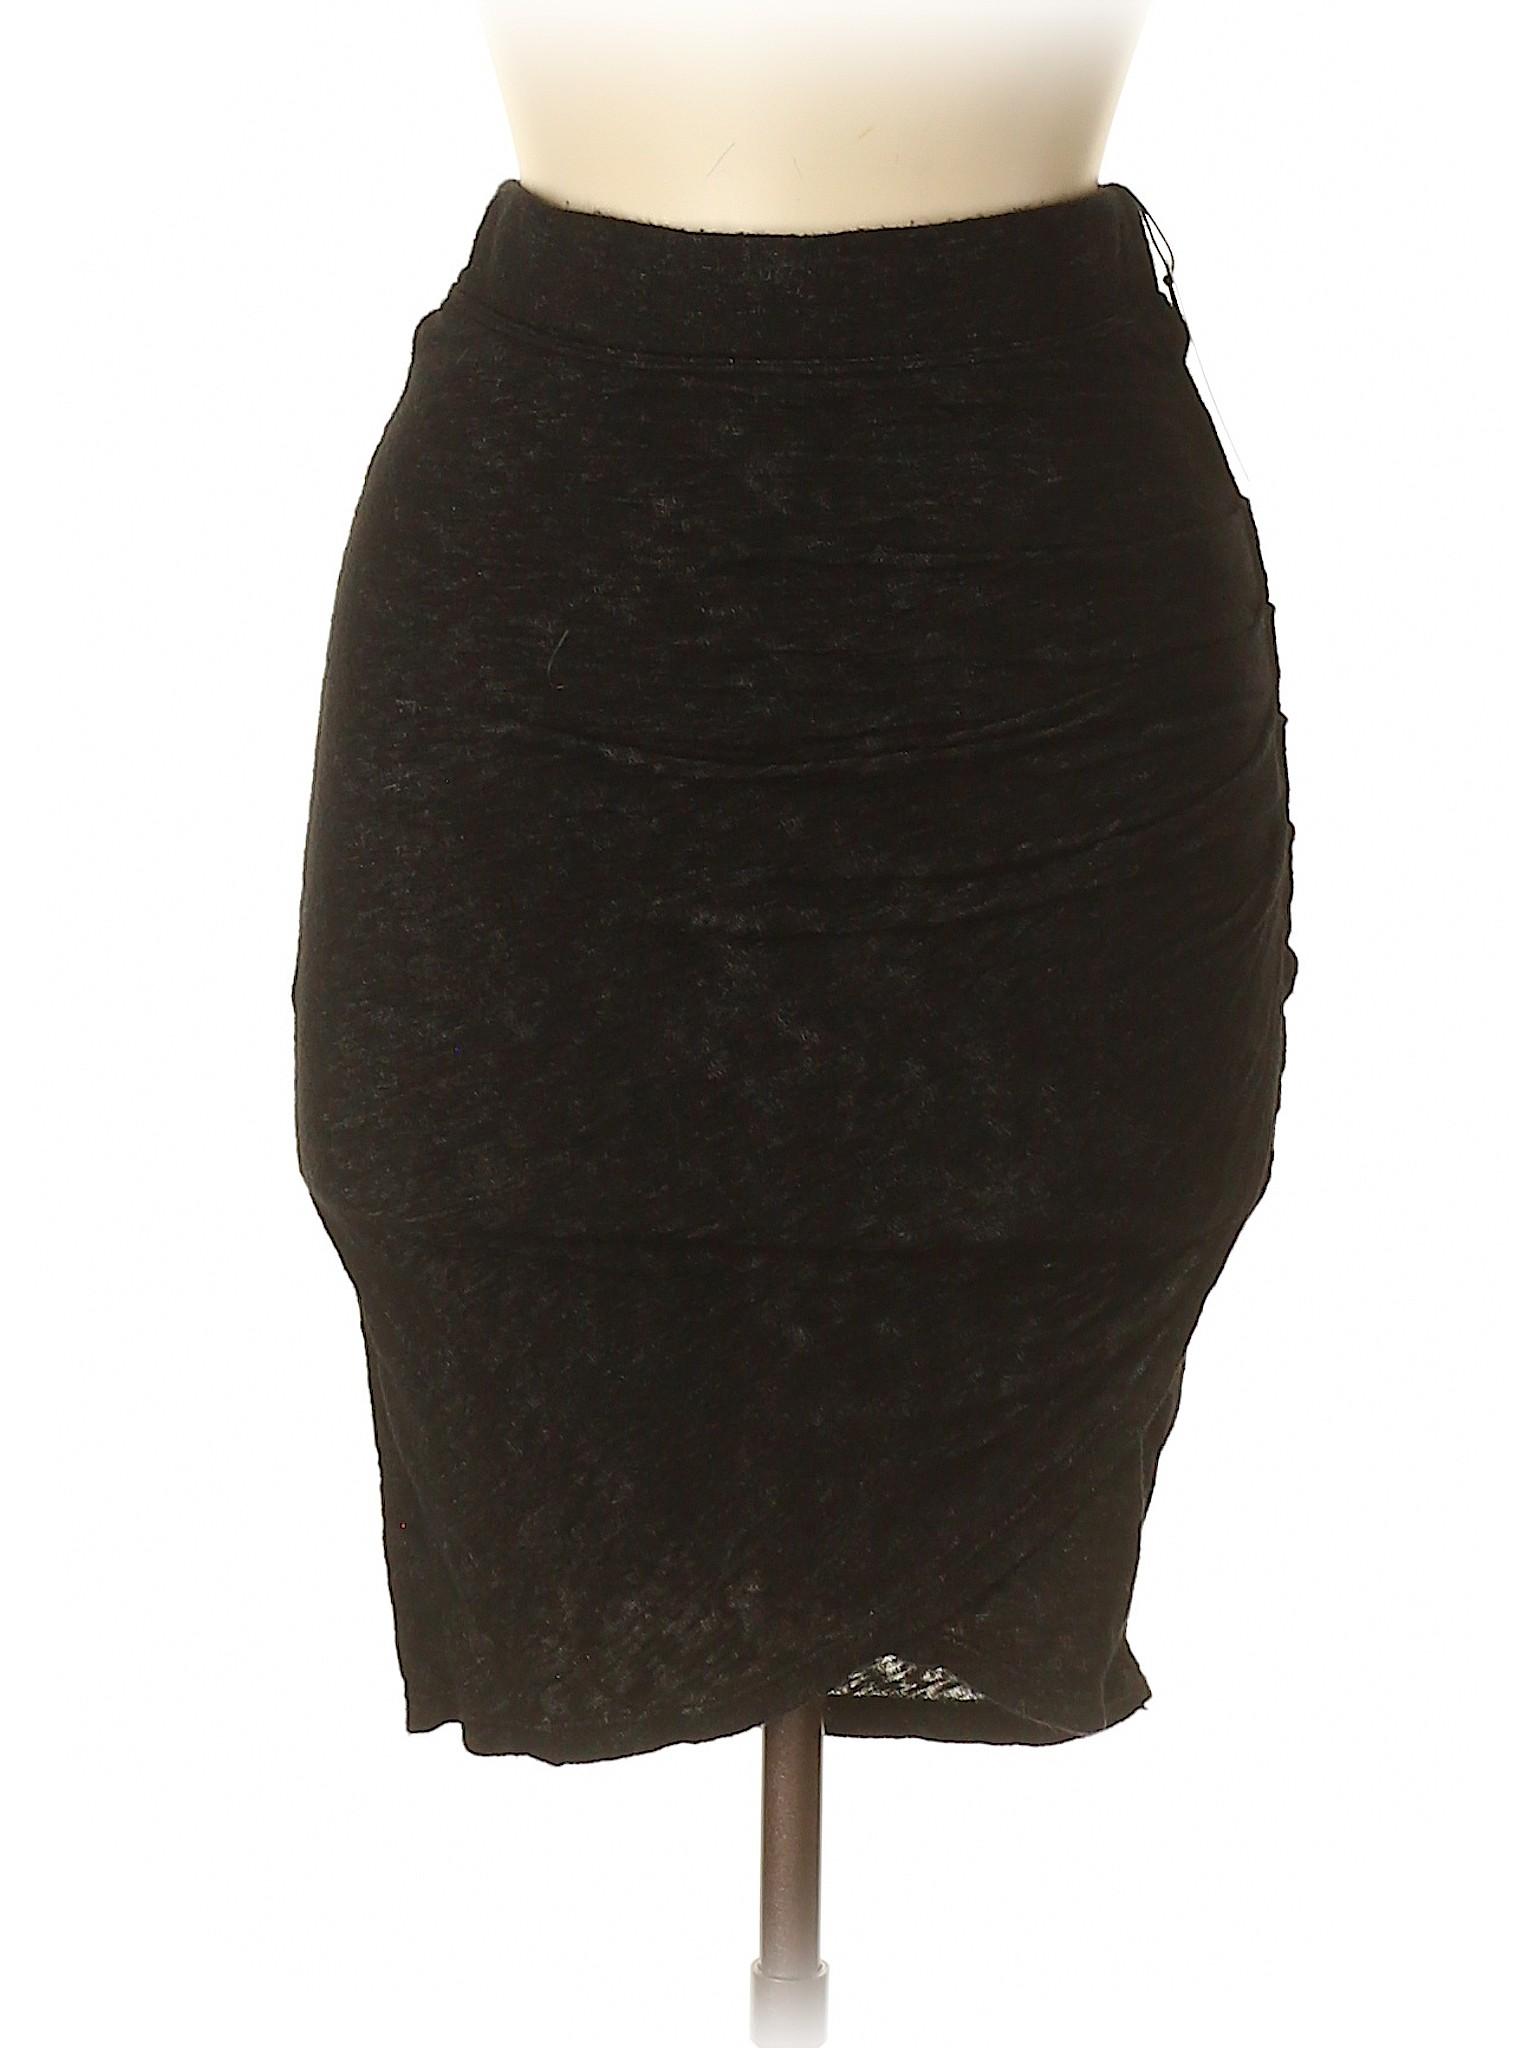 Leisure Leisure Casual Velvet Skirt winter winter 8wwqO1v